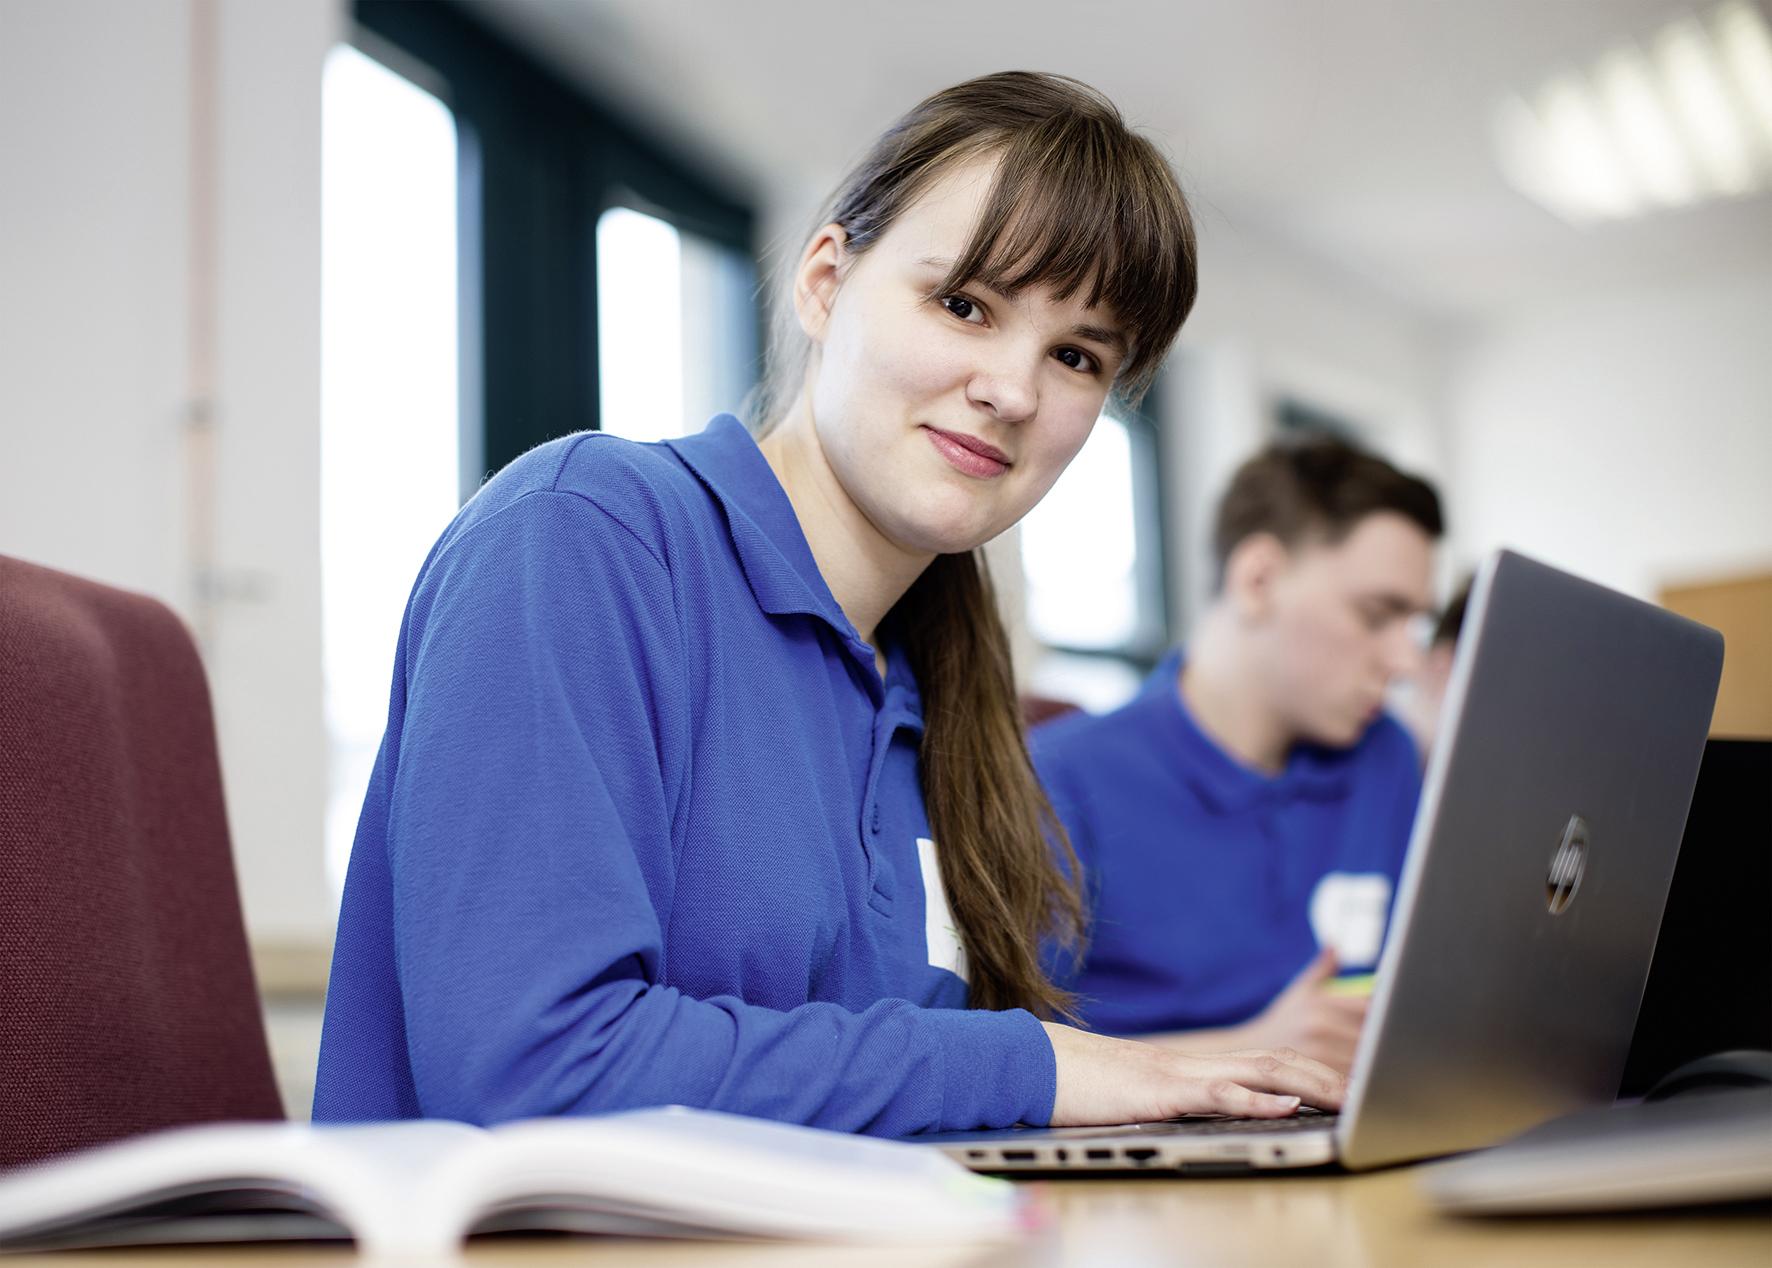 Eine junge Frau sitzt an einem Laptop und schaut in die Kamera.